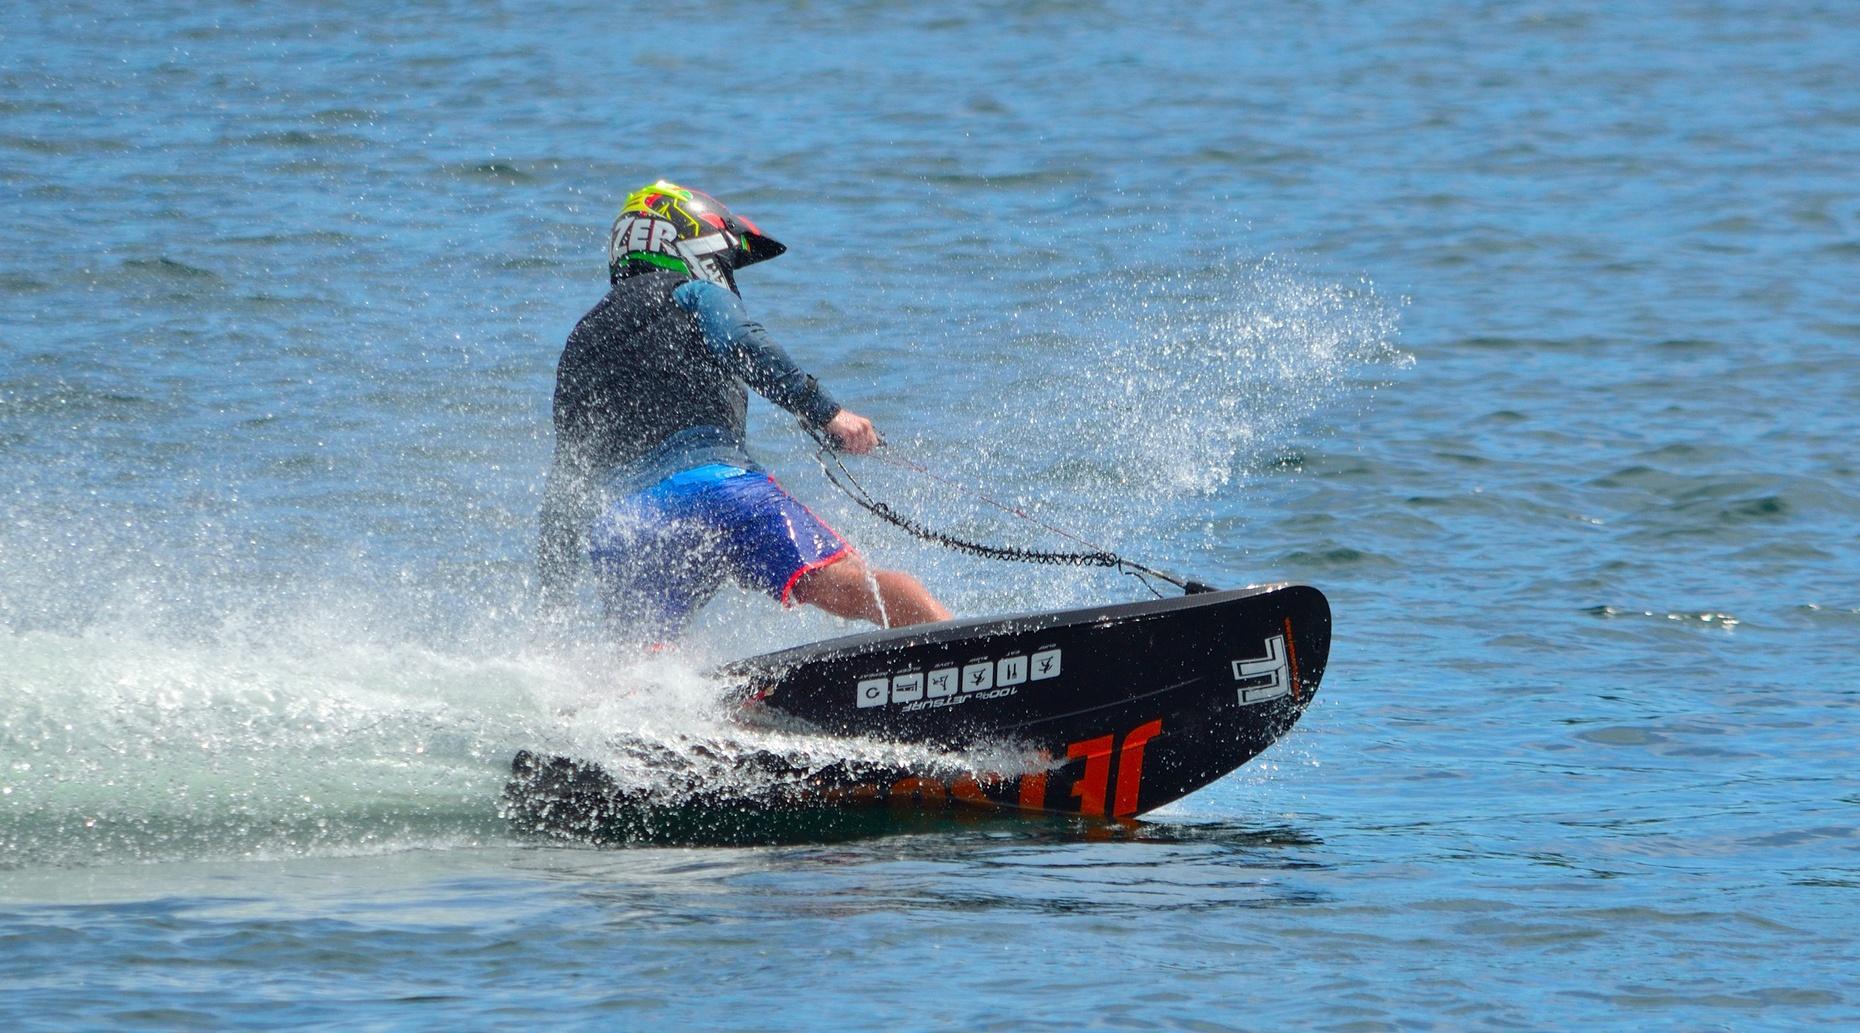 90-Minute MotoSurf Session on Lake Pleasant